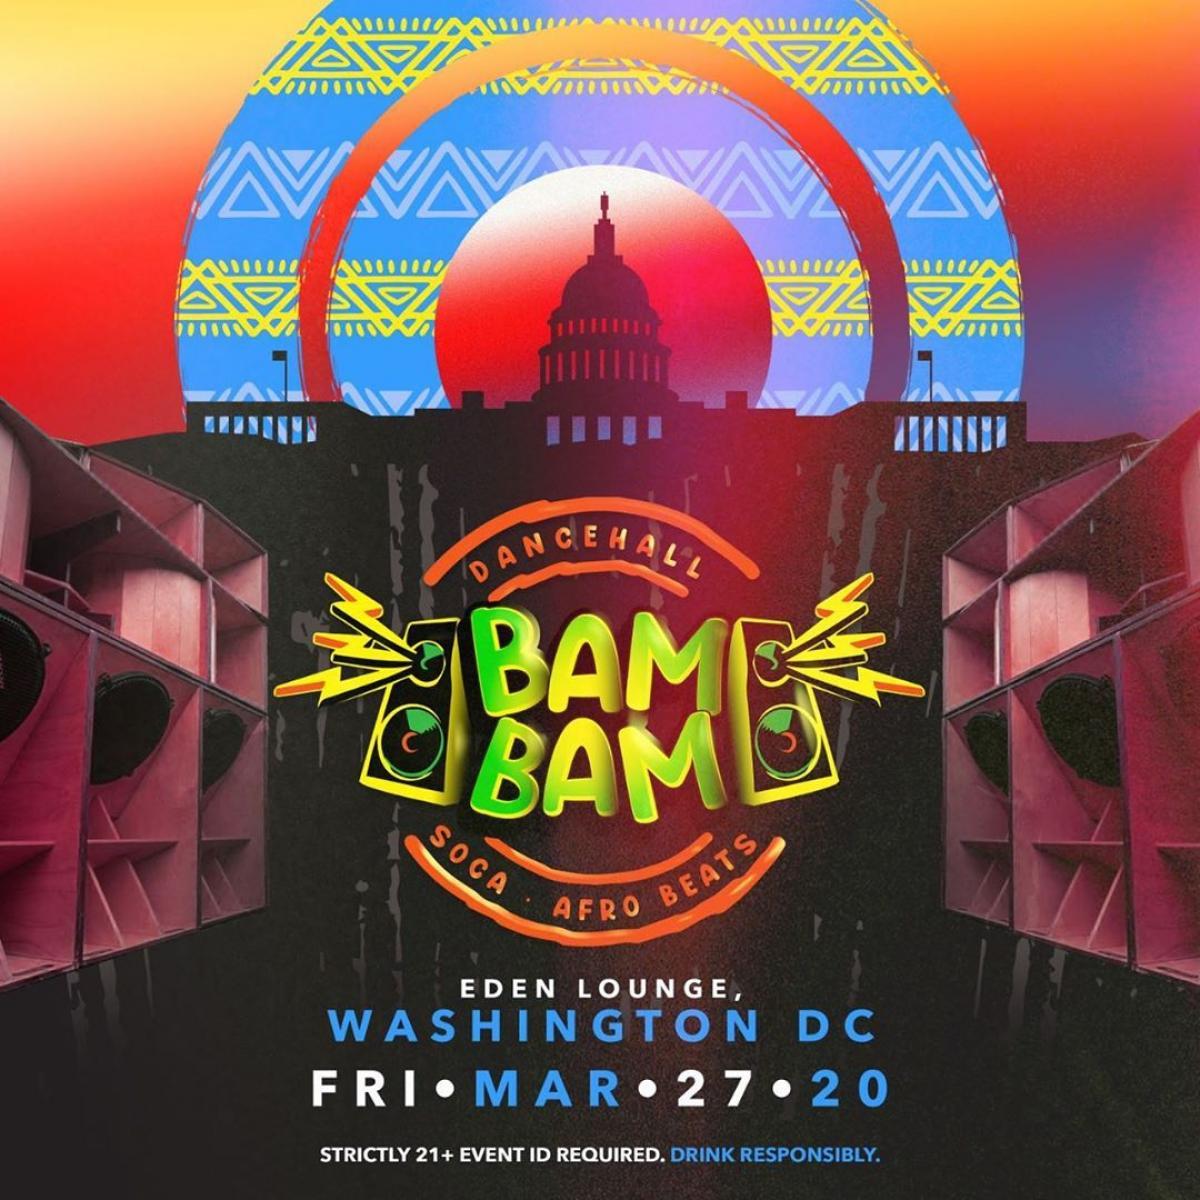 BAM BAM flyer or graphic.